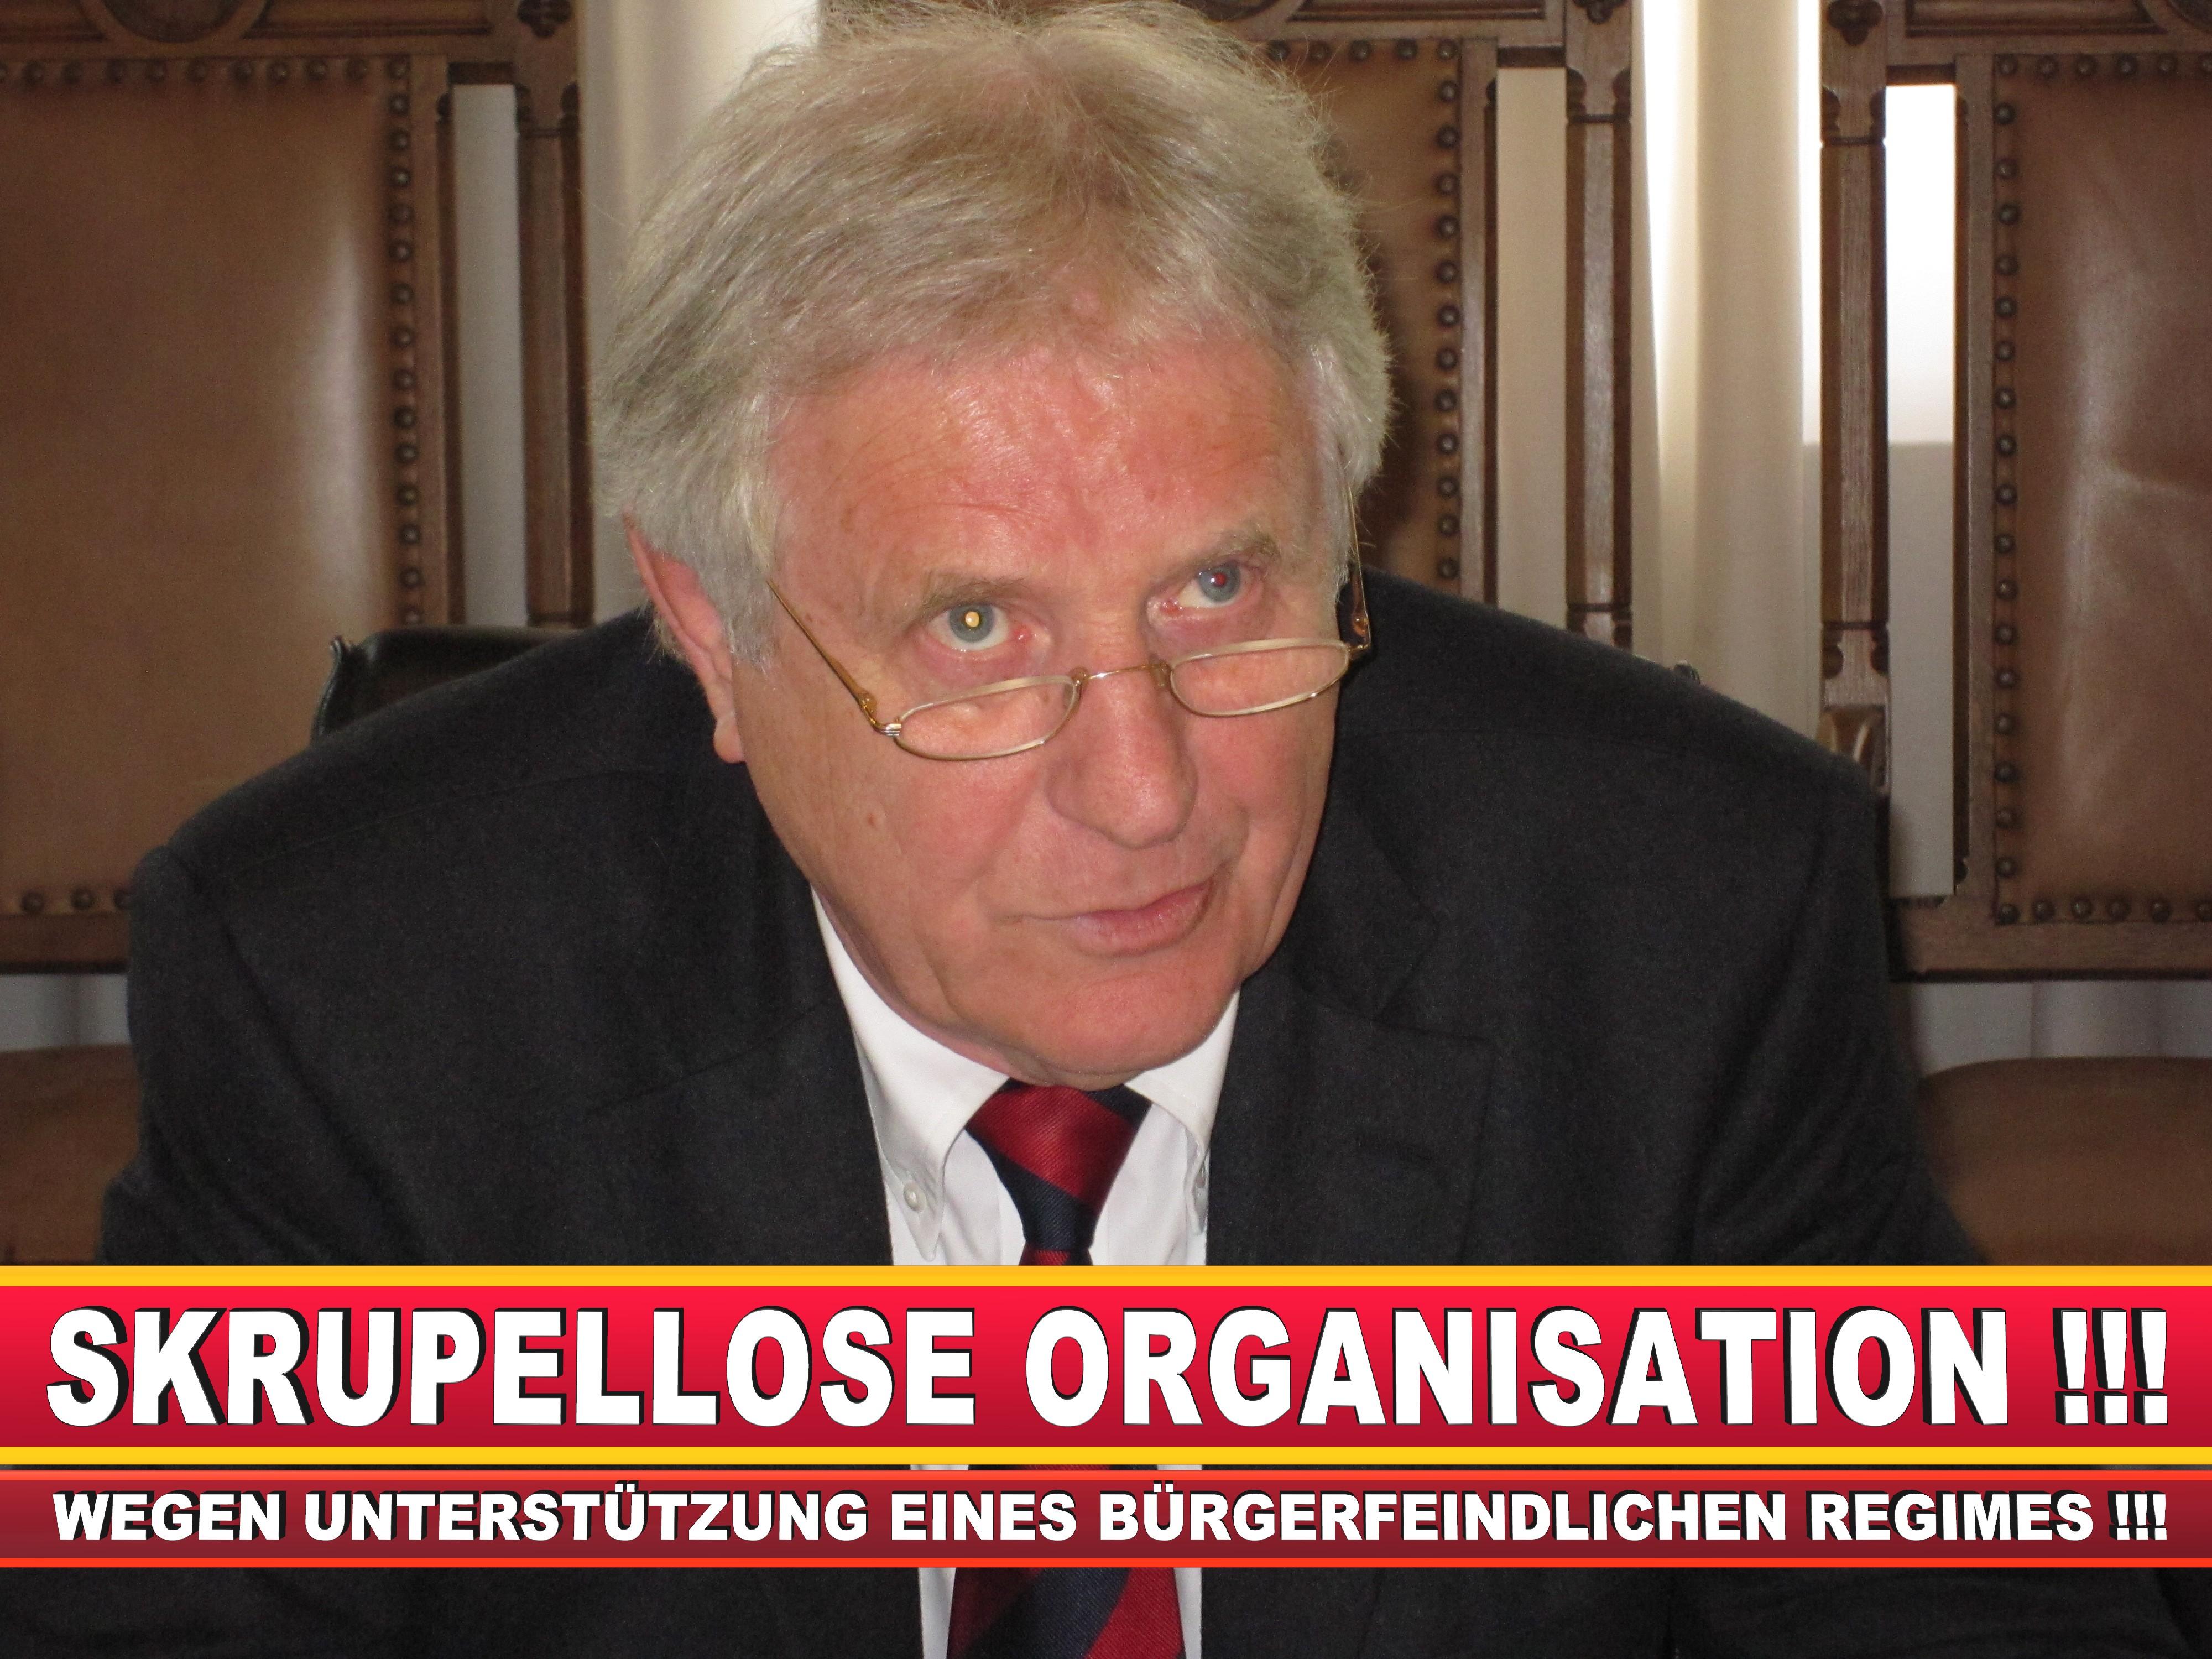 Polizeipräsident Erwin Südfeld Bielefeld Oberbürgermeister Bürgermeister Peter Clausen Pit Clausen Bielefeld (8)